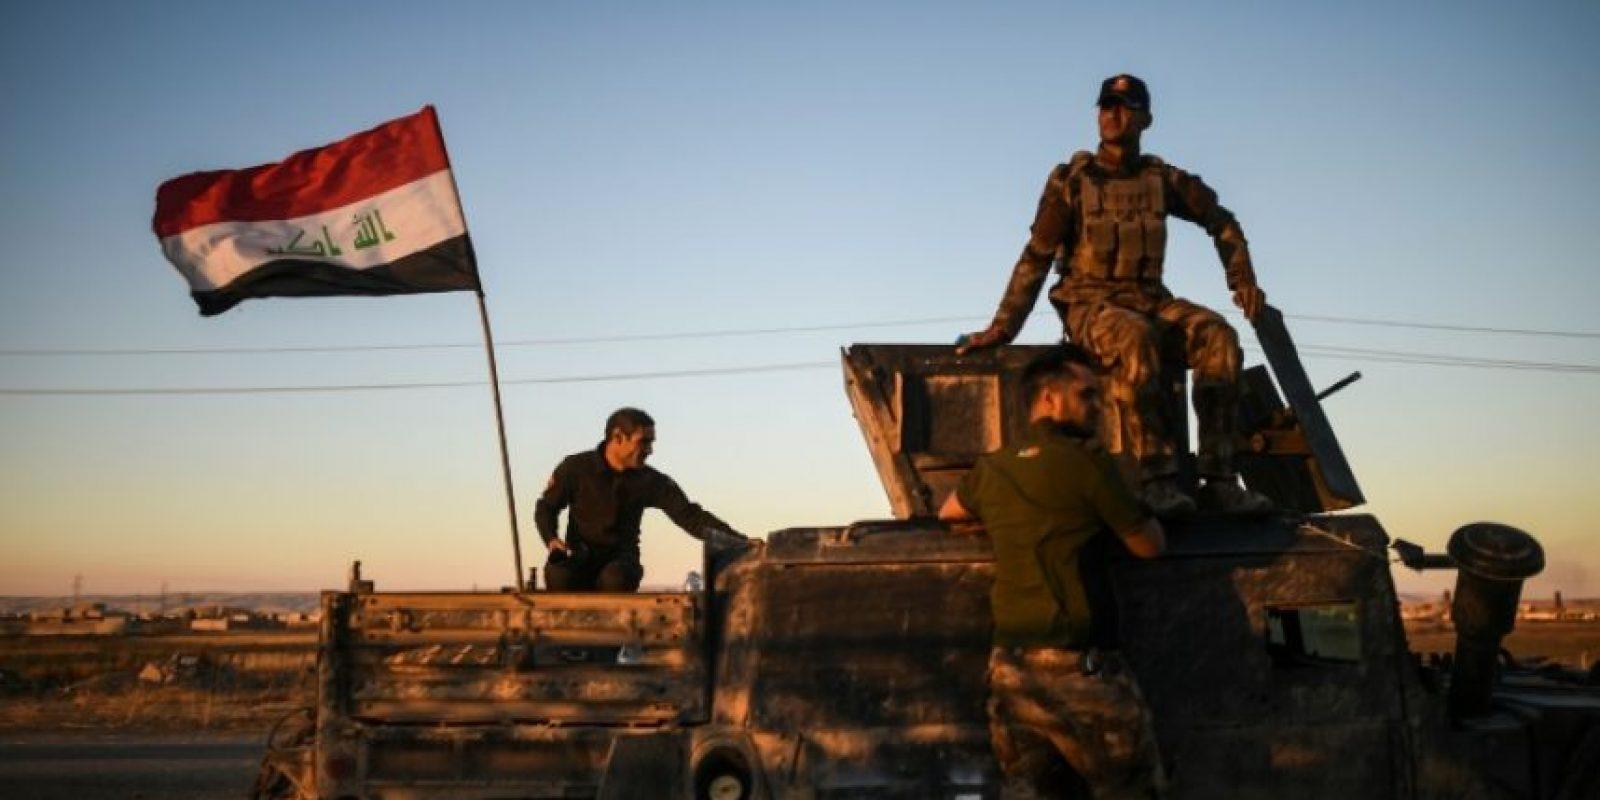 Fuerzas iraquíes llevan su vehículo a través de Gogjali, en el límite oriental de Mosul, el 3 de noviembre de 2016 Foto:Bulent Kilic/afp.com